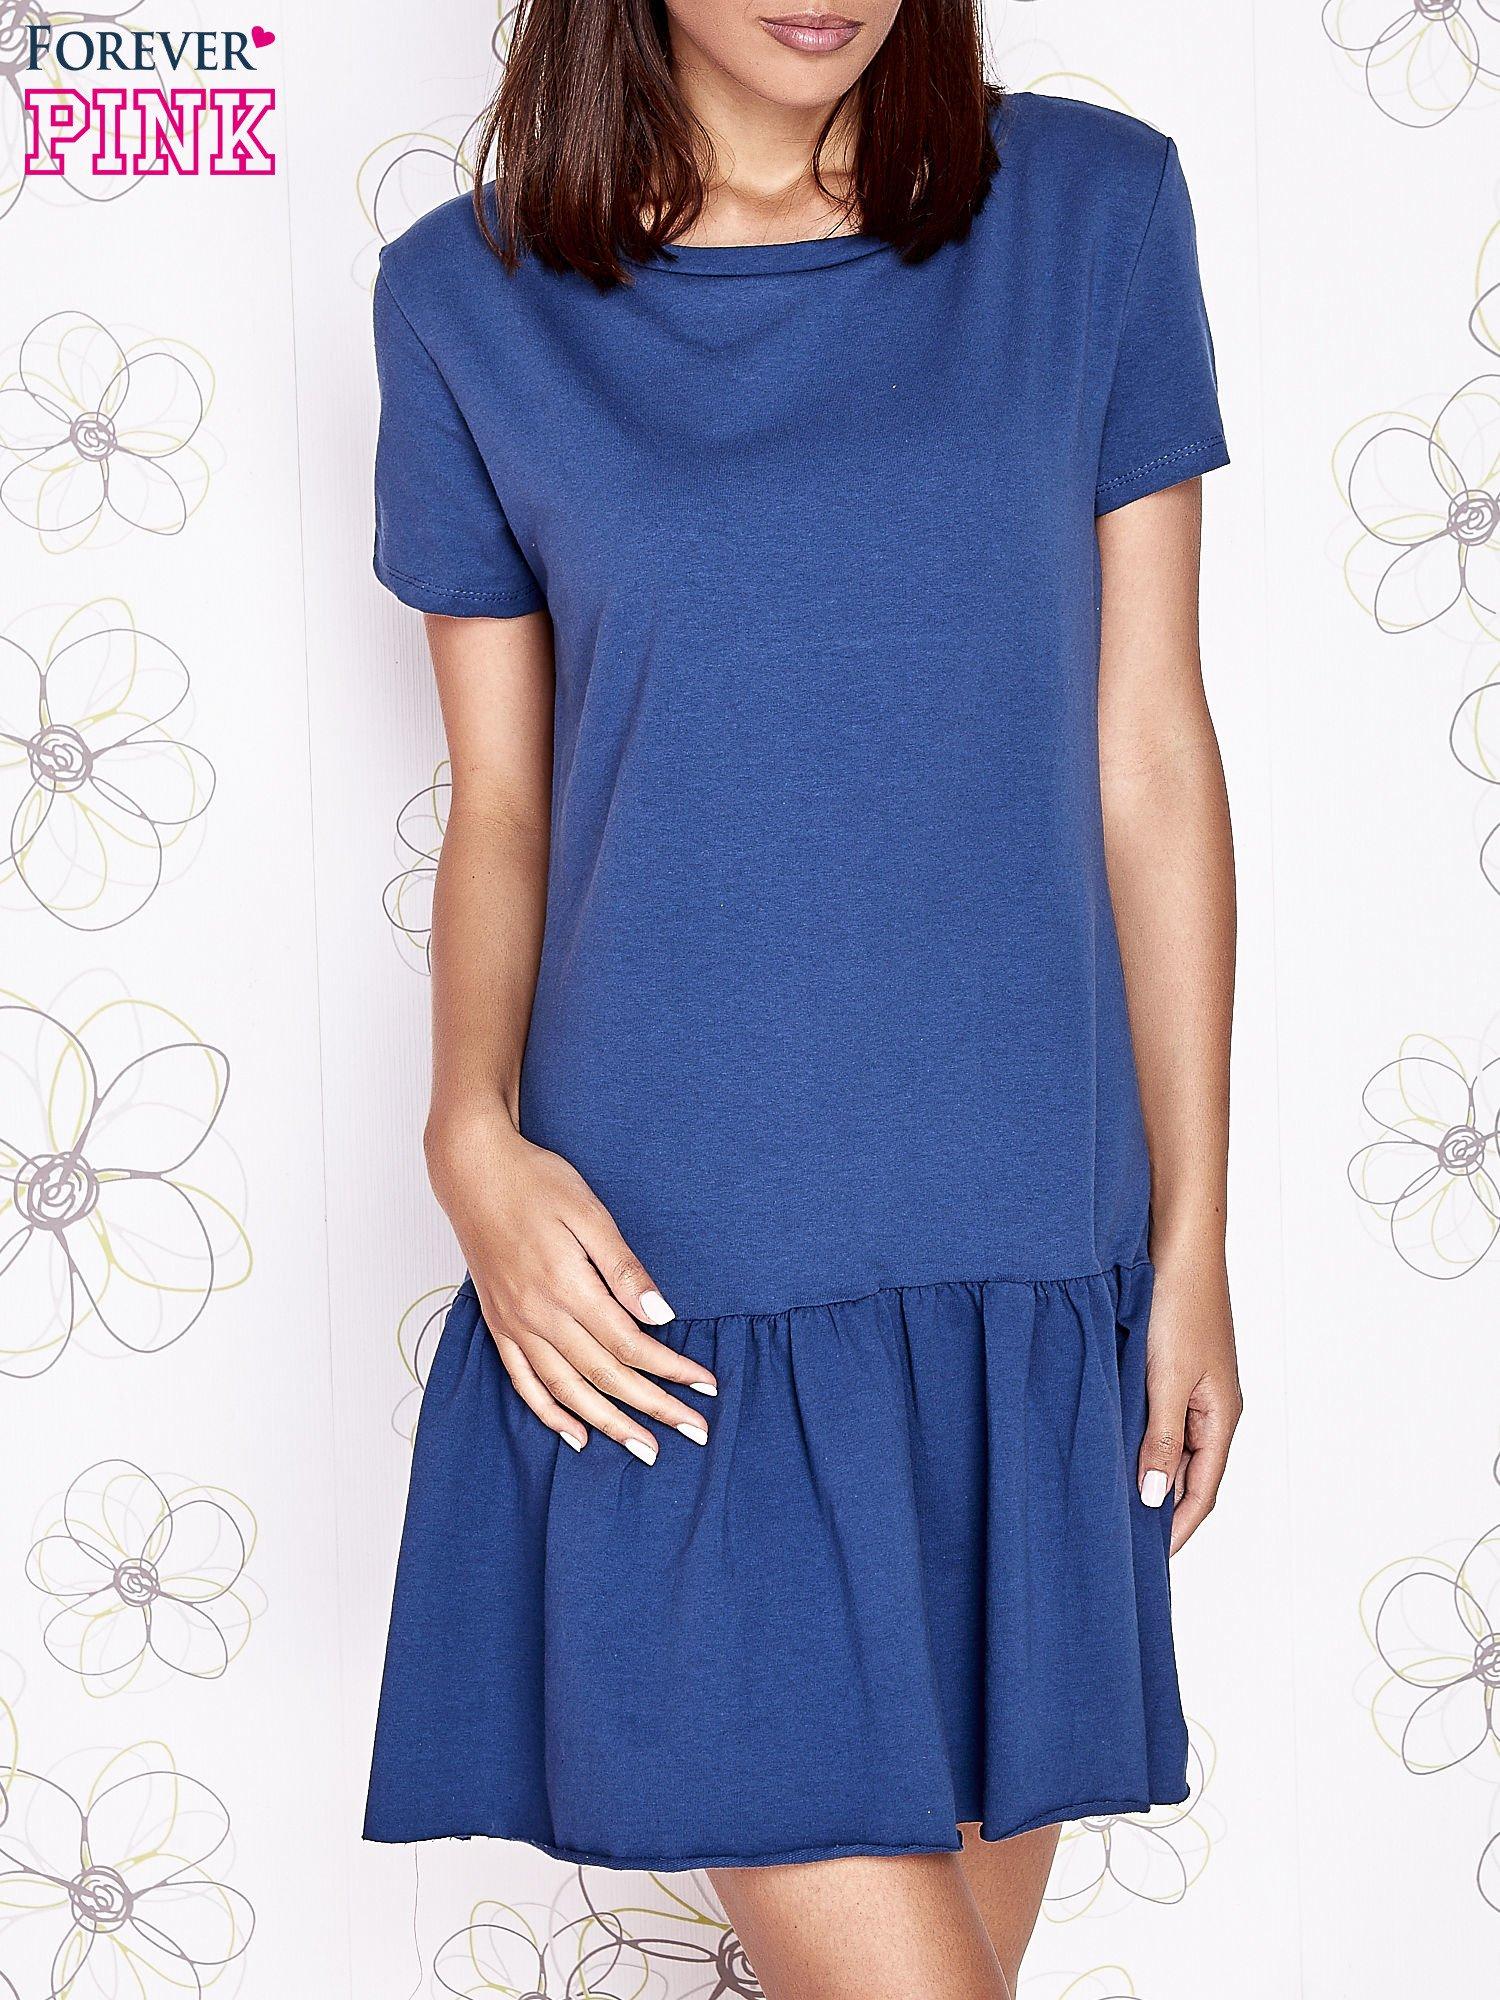 Ciemnoniebieska dresowa sukienka z wycięciem na plecach                                   zdj.                                  1